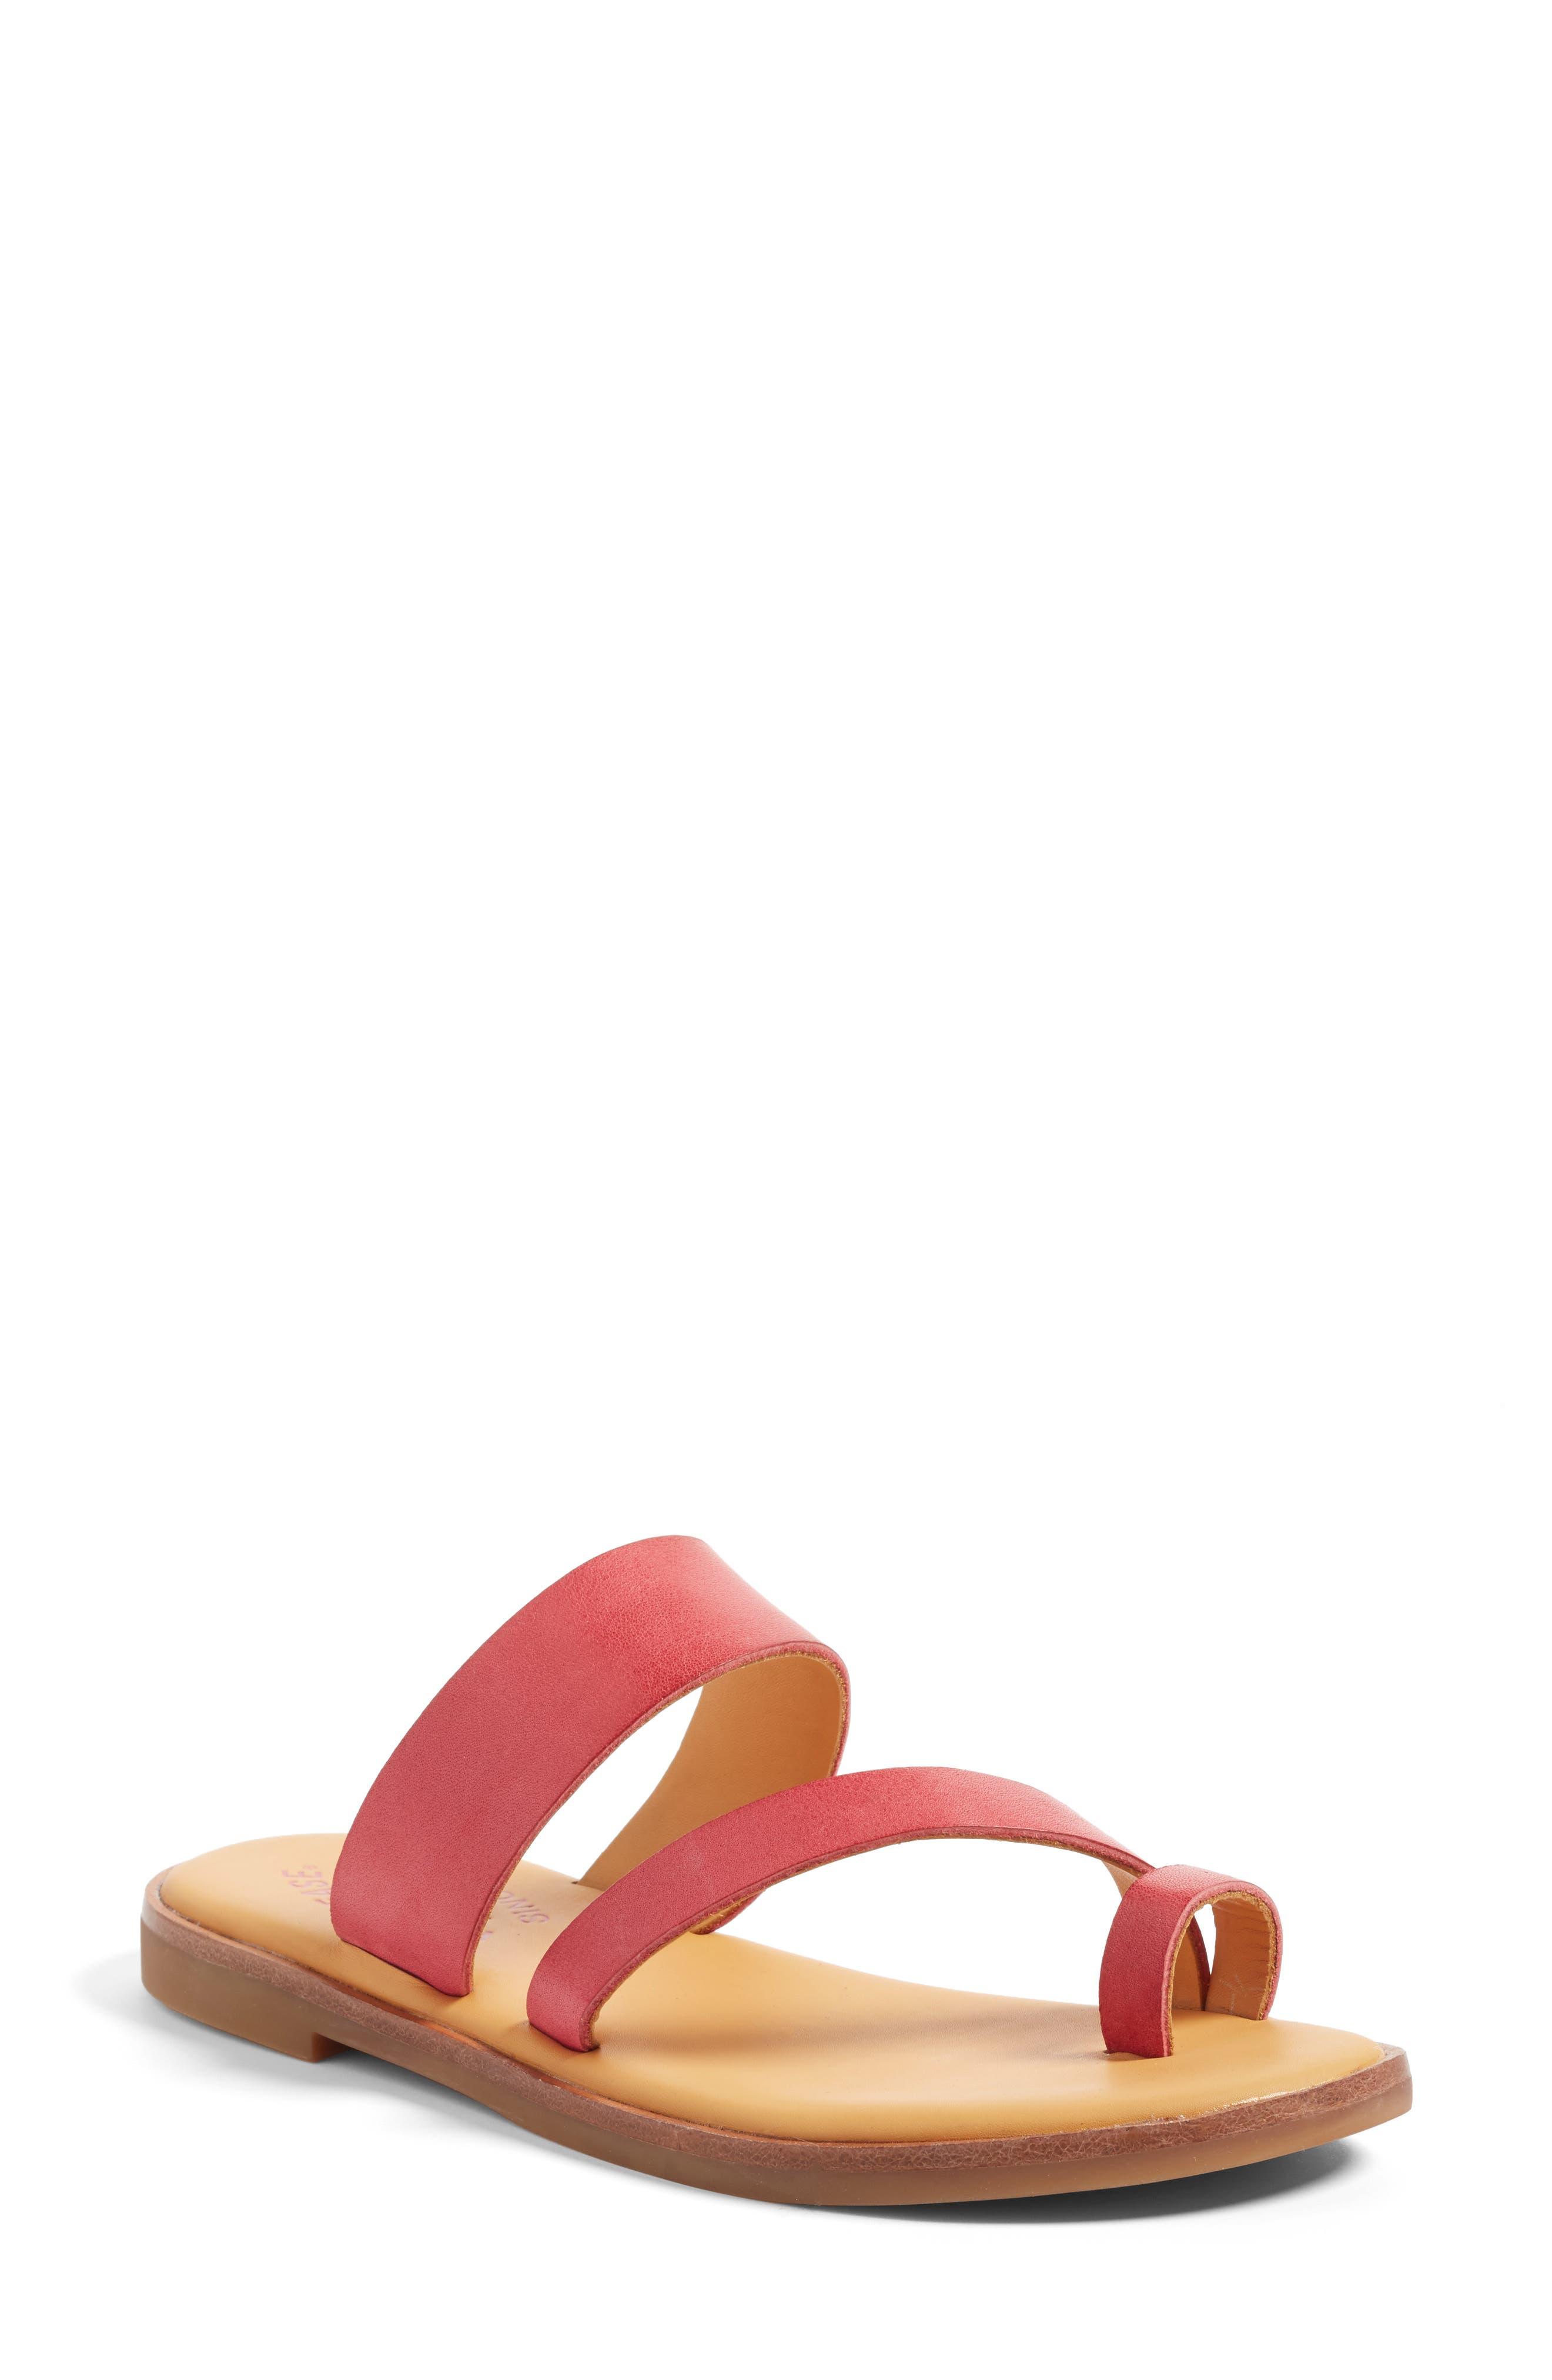 Main Image - Kork-Ease® Pine Sandal (Women)